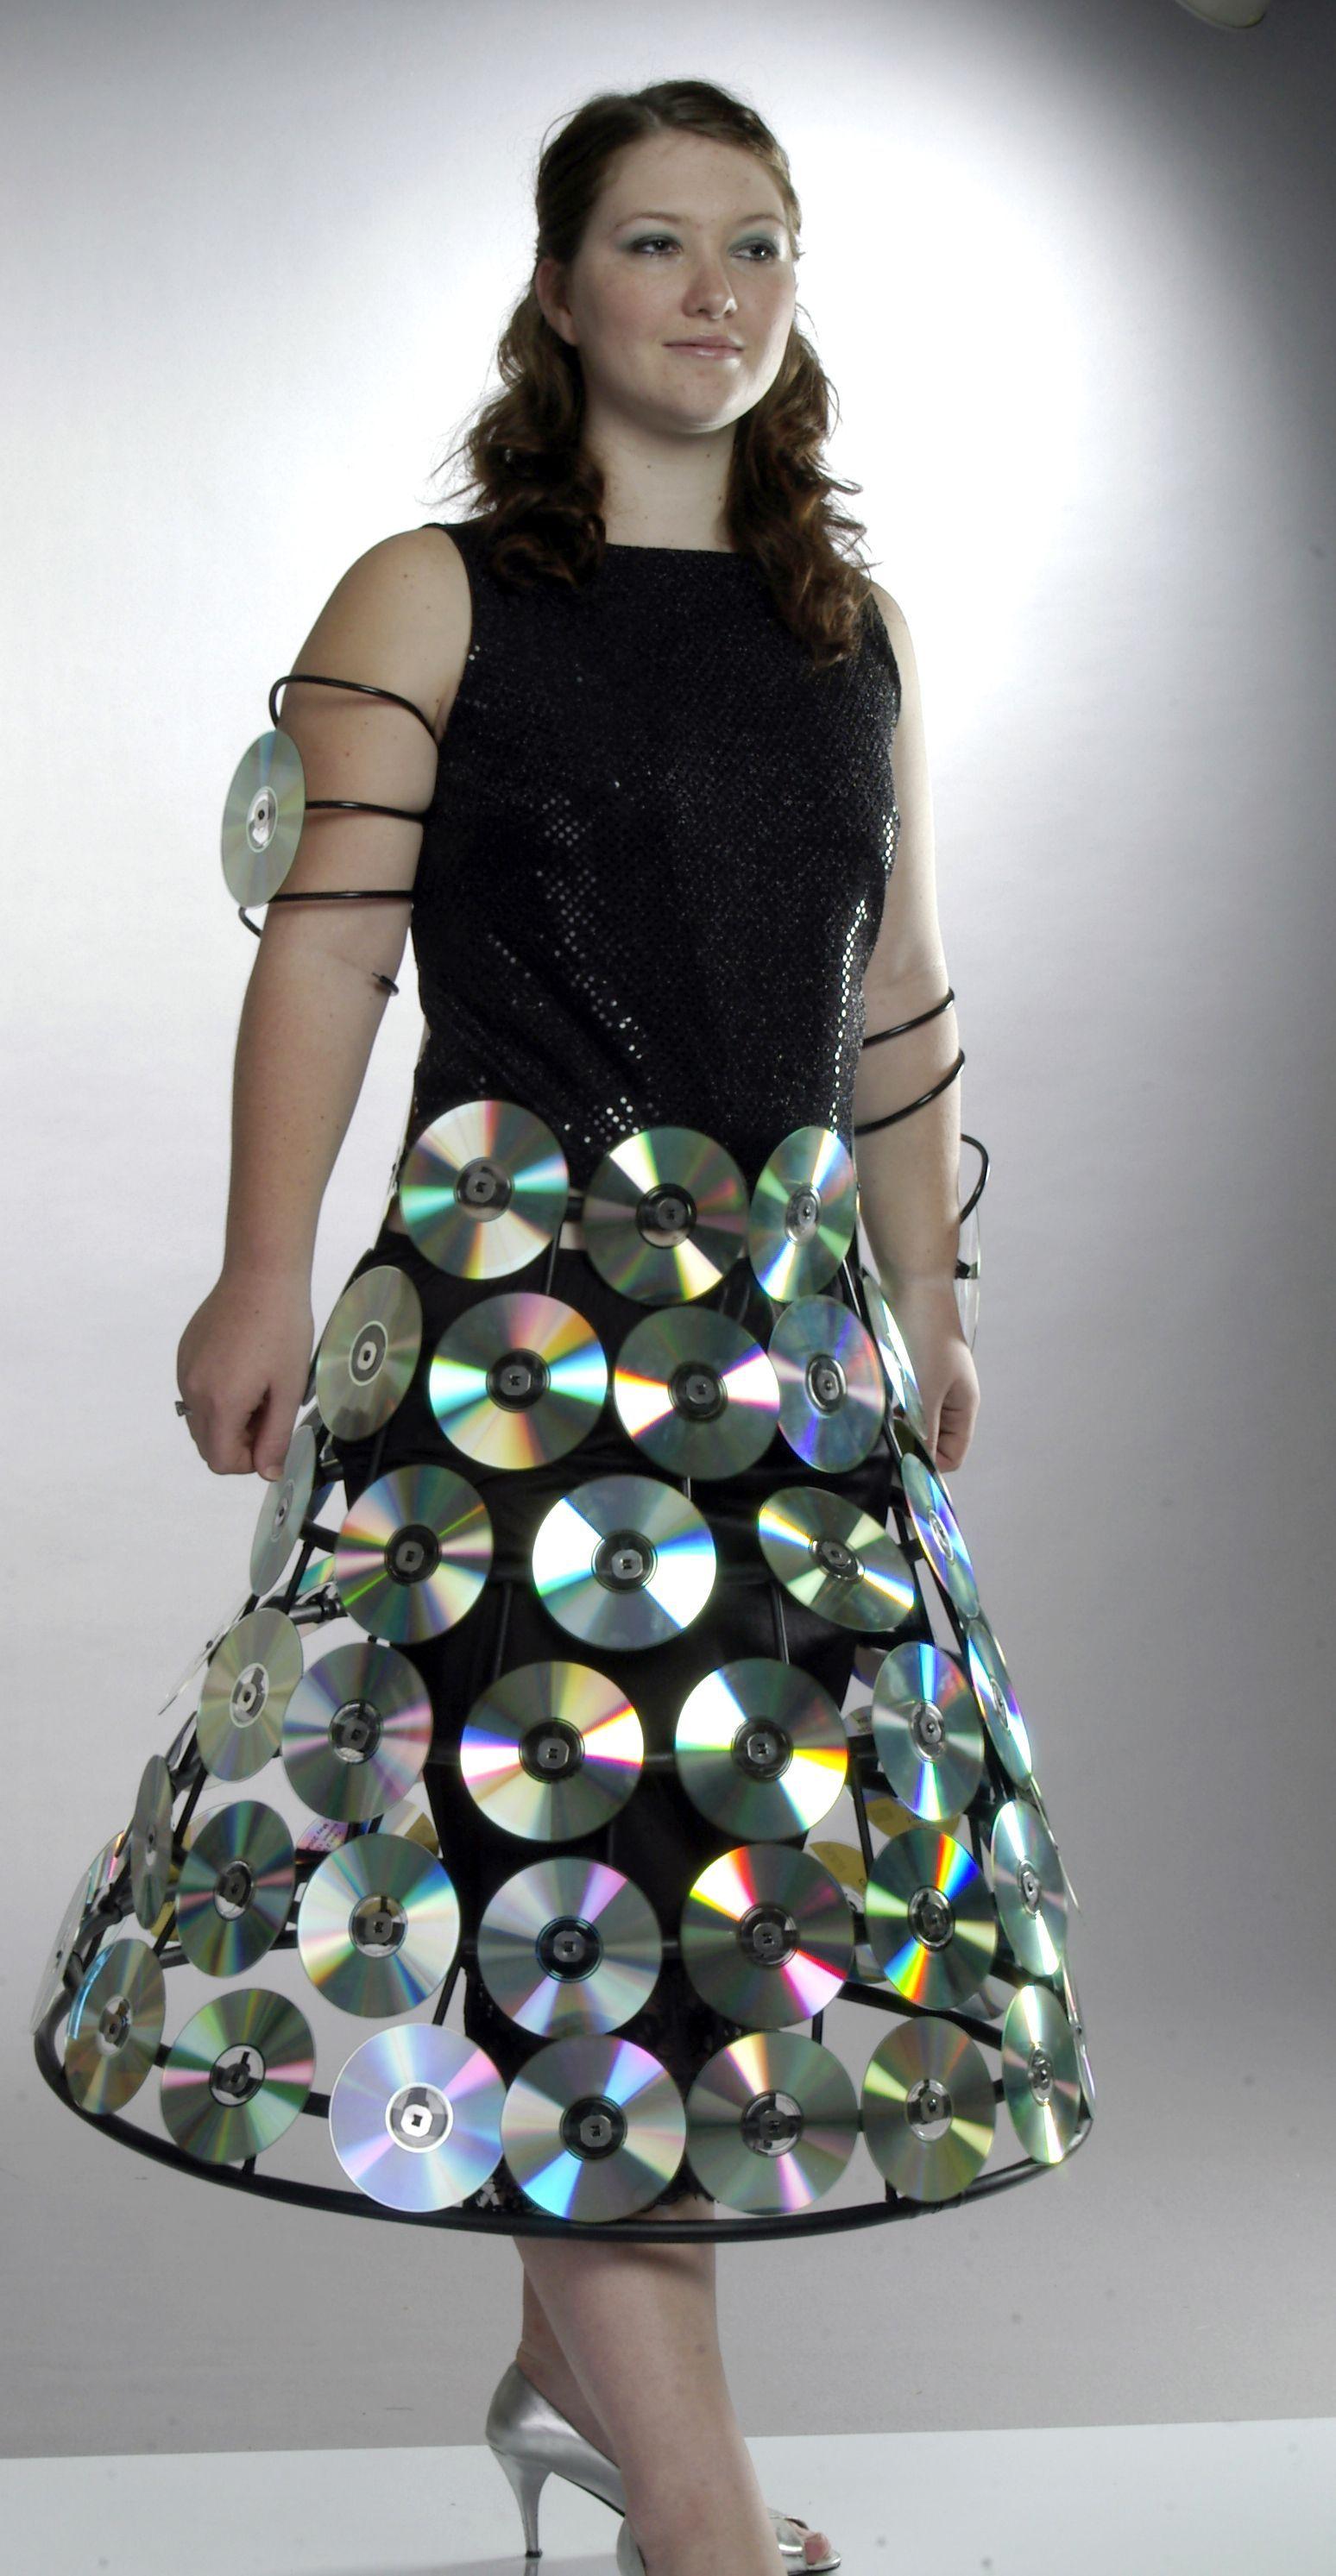 Wearable Art  Entry  Disc Styler #wearableart Wearable Art  Entry  Disc Styler #wearableart